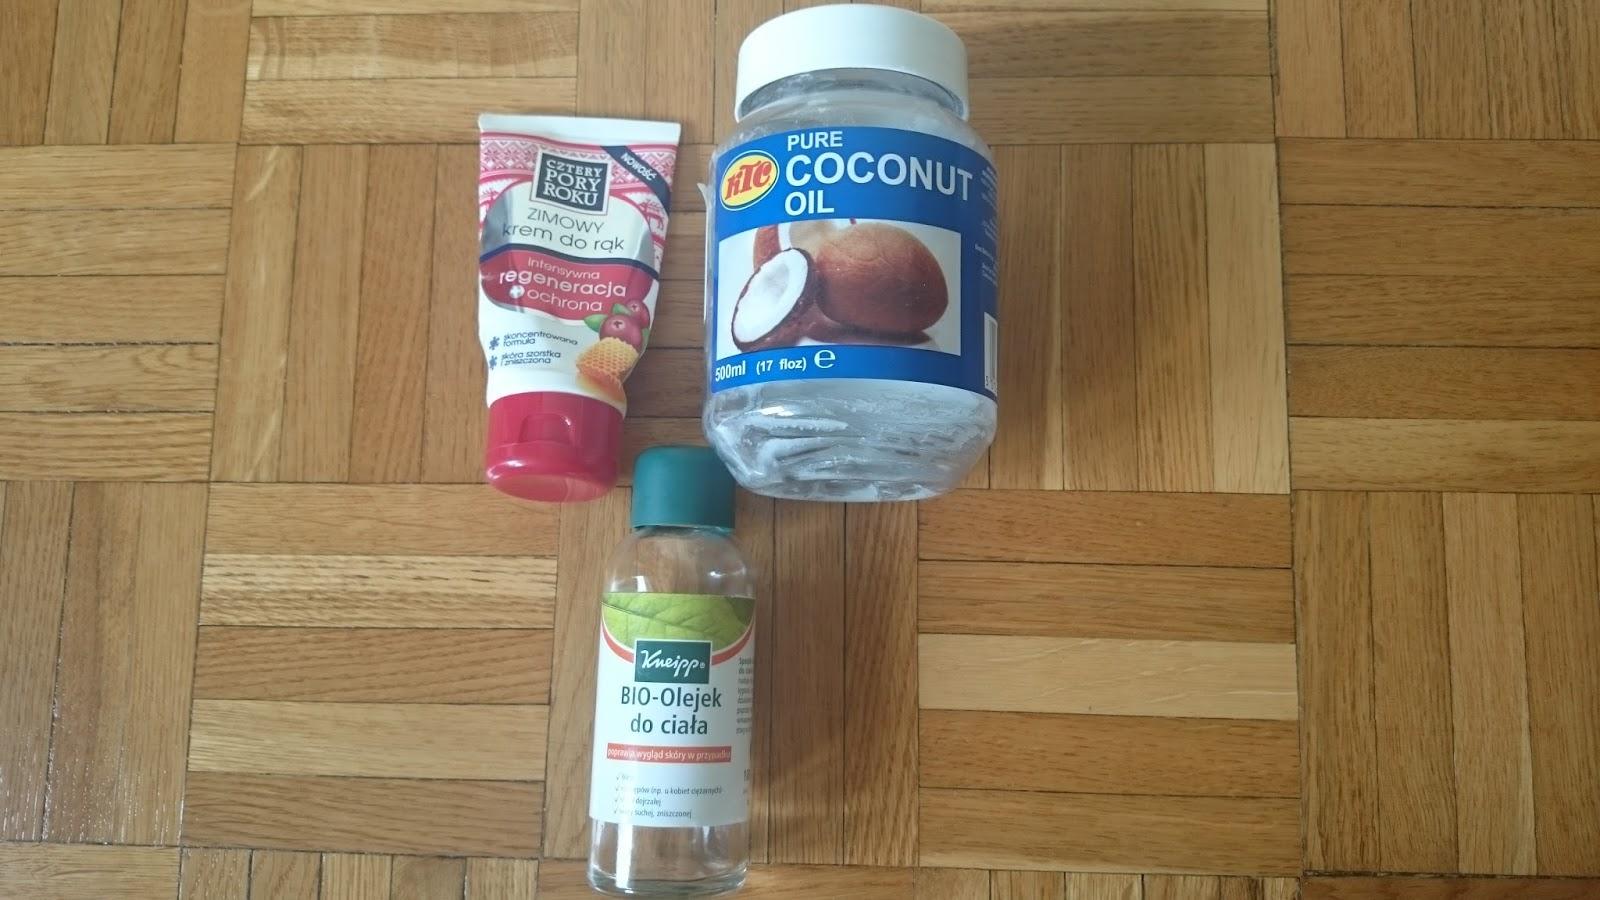 olej kokosowy, najlepszy krem do rąk, kneipp bio olejek